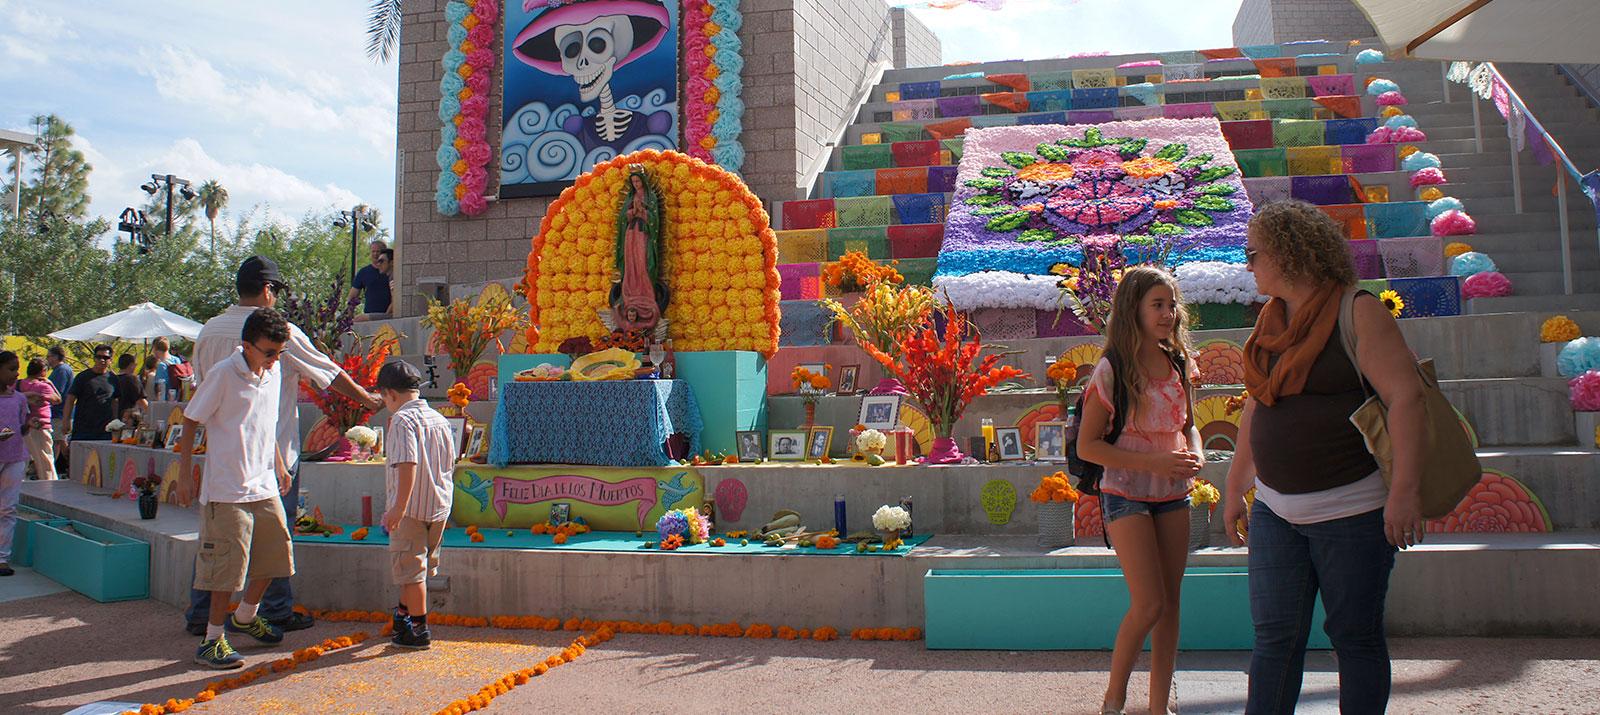 Arts And Crafts Shows In San Antonio Tx